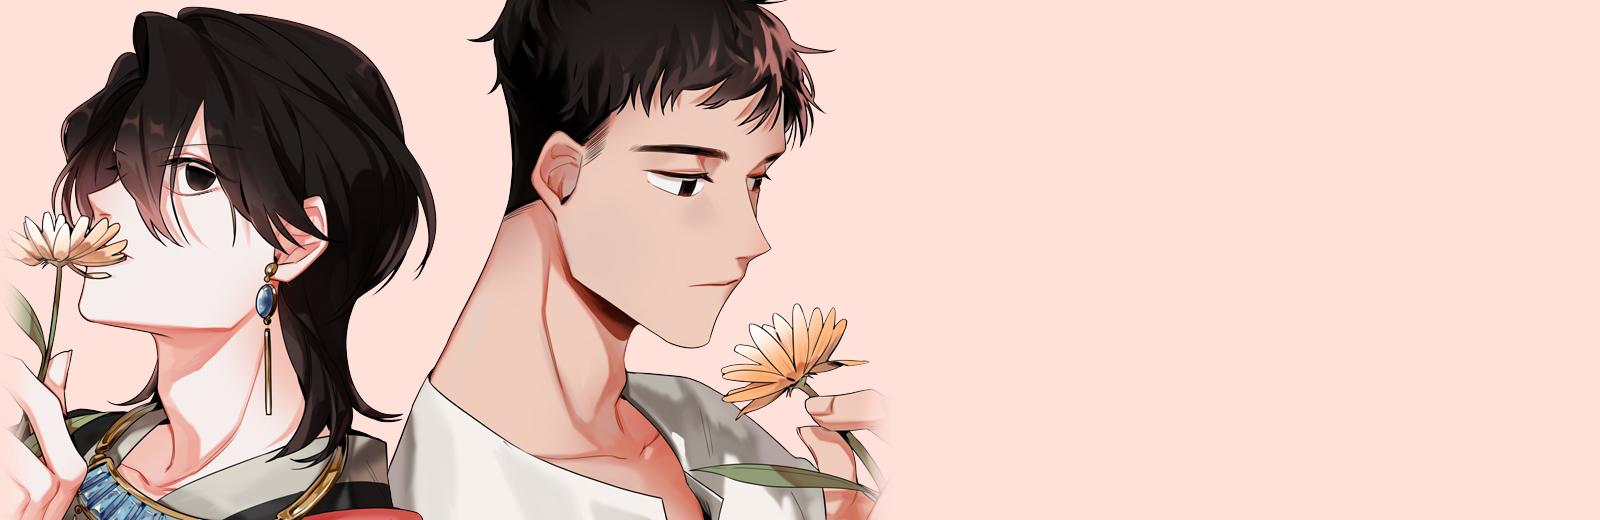 그늘 핀 들꽃